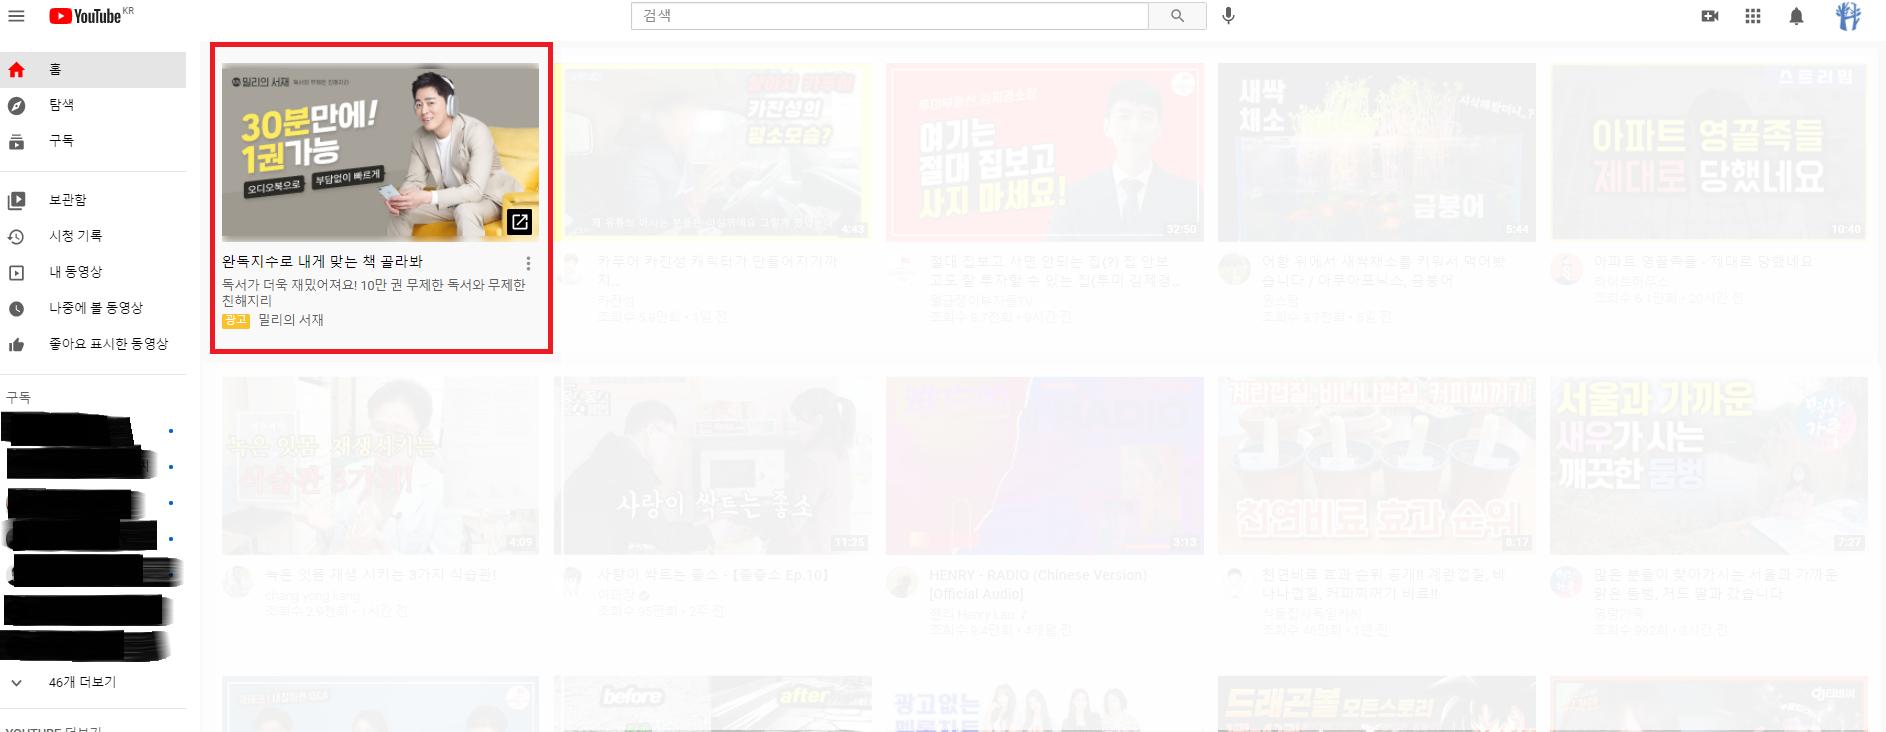 유튜브 메인화면 왼쪽상단 (PC기준)